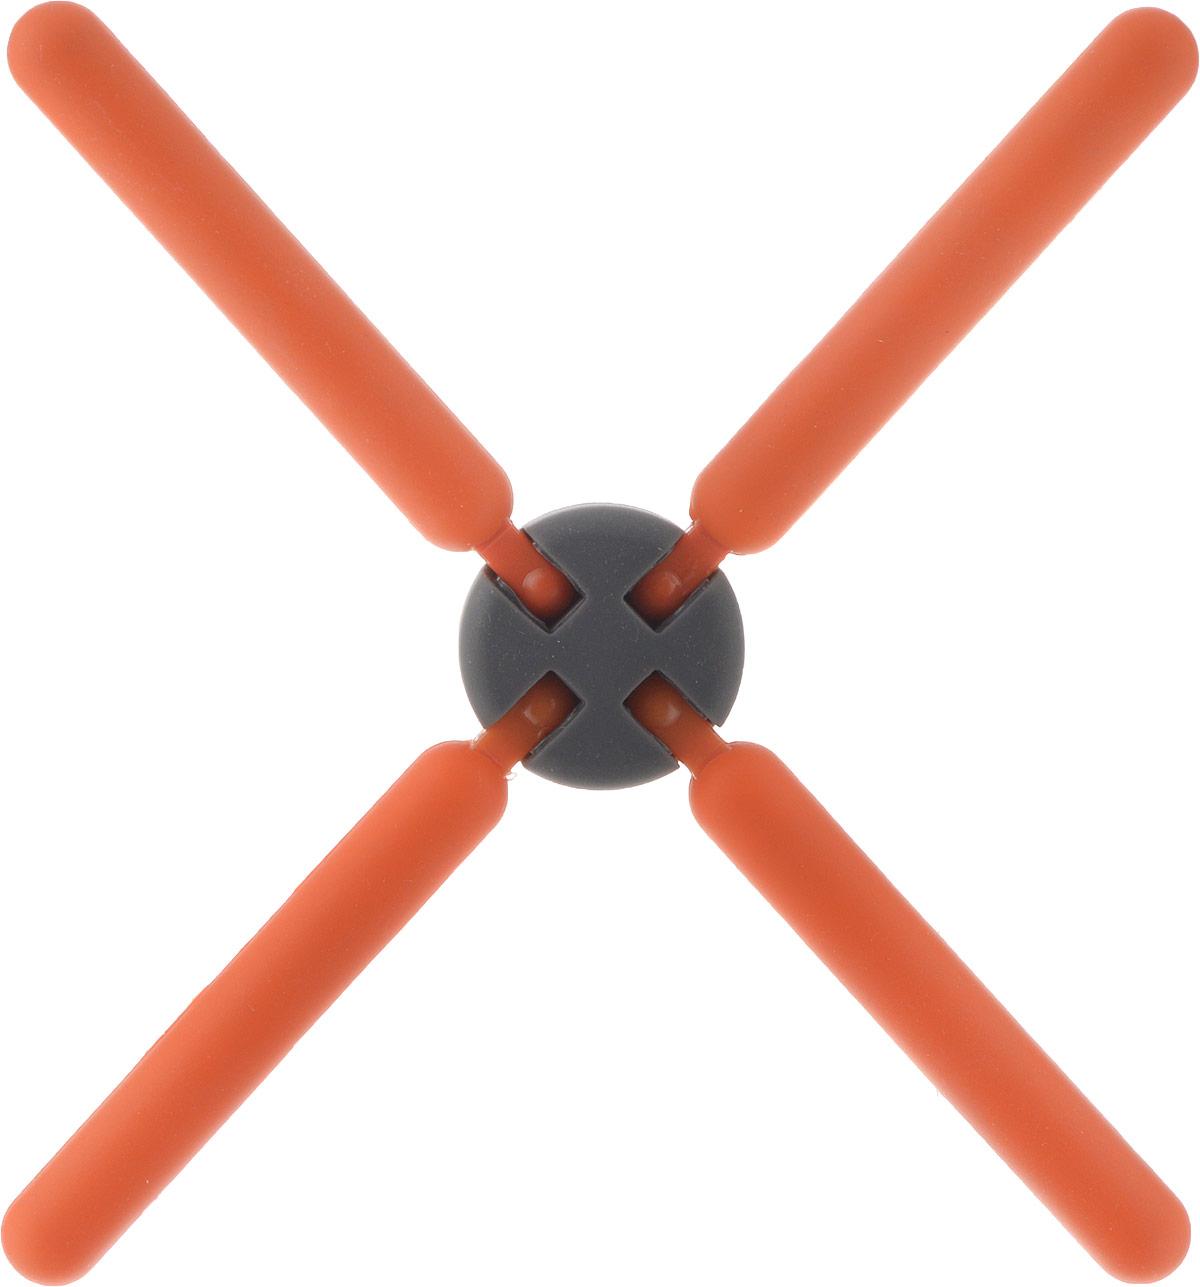 Подставка под горячее Mayer & Boch, цвет: оранжевый, 22 см. 21939-321939-3Подставка под горячее Mayer & Boch изготовлена из термостойкого силикона.Имеет красивый дизайн, яркие цвета. Подставка оформлена в виде 4 палочек, соединенных в середине. Складная. Занимает мало места. Раскладывается на 4 стороны.